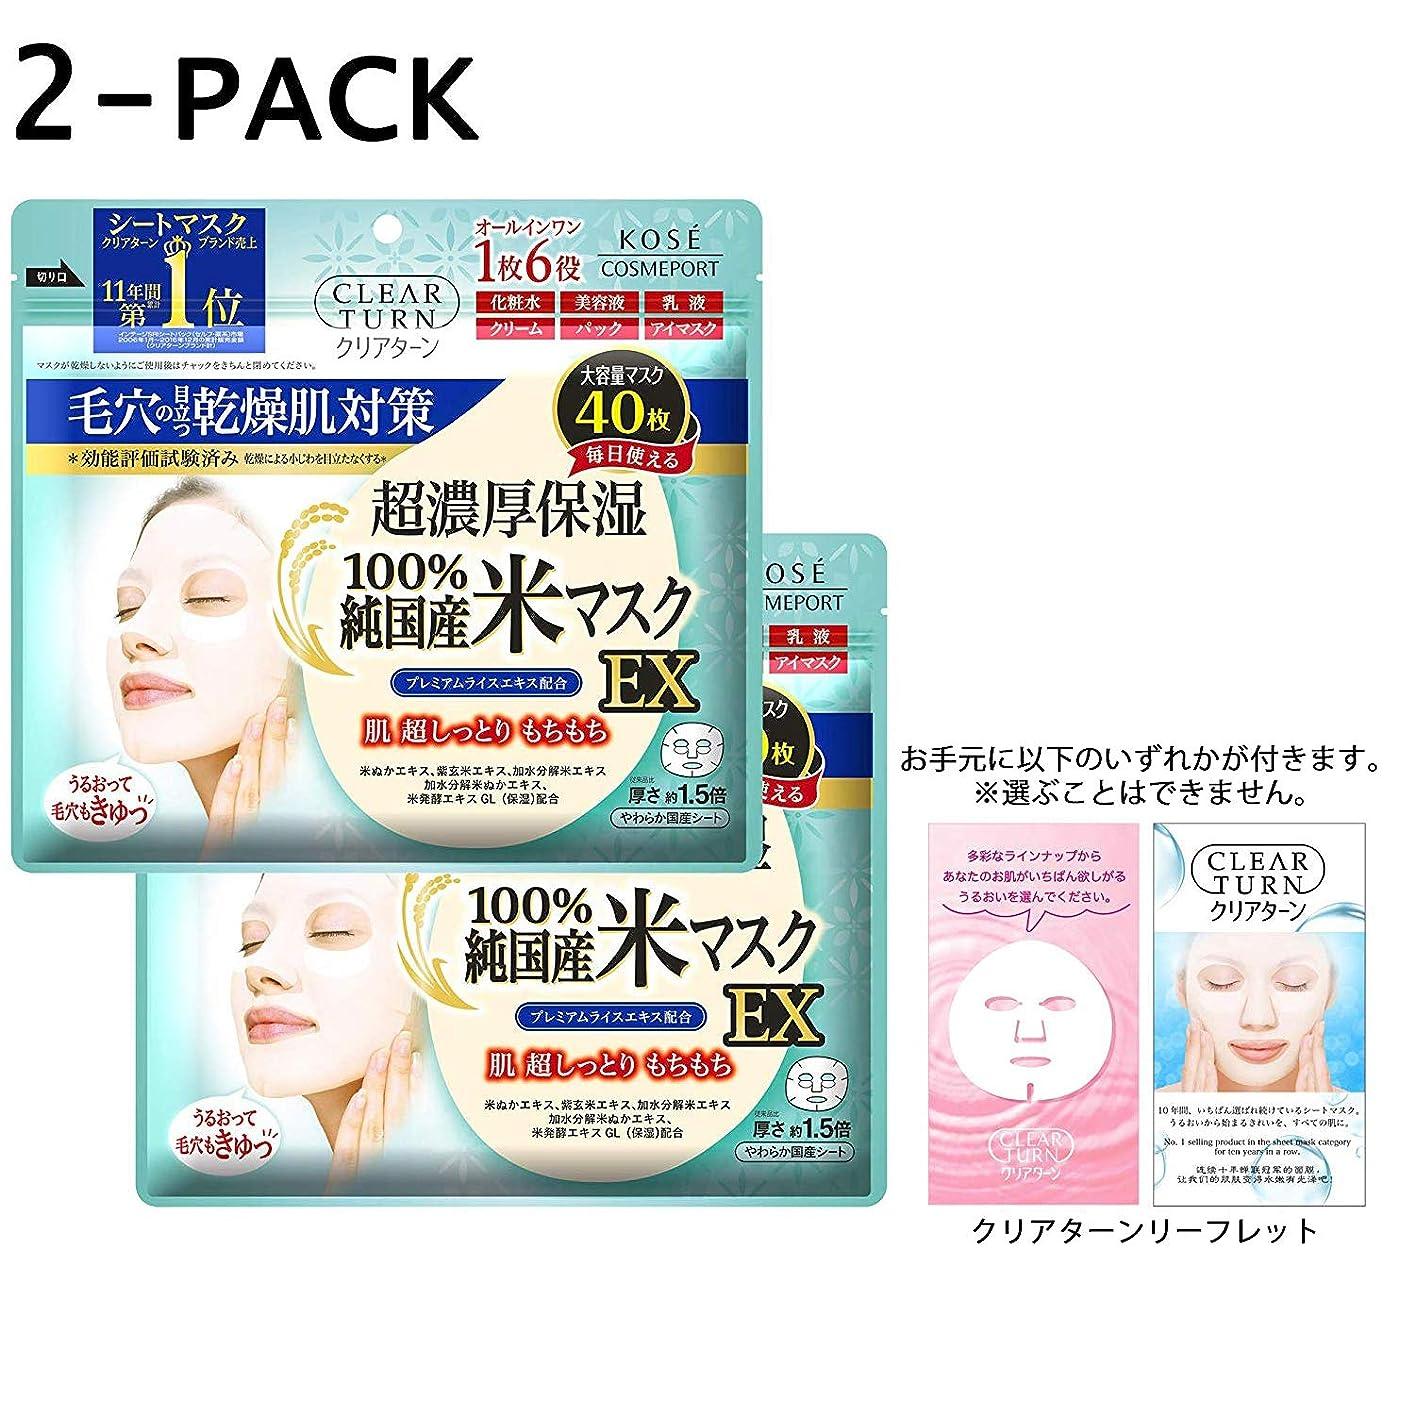 ホームホーム飼料【Amazon.co.jp限定】KOSE クリアターン 純国産米マスク EX 40枚入 2P+リーフレット付き